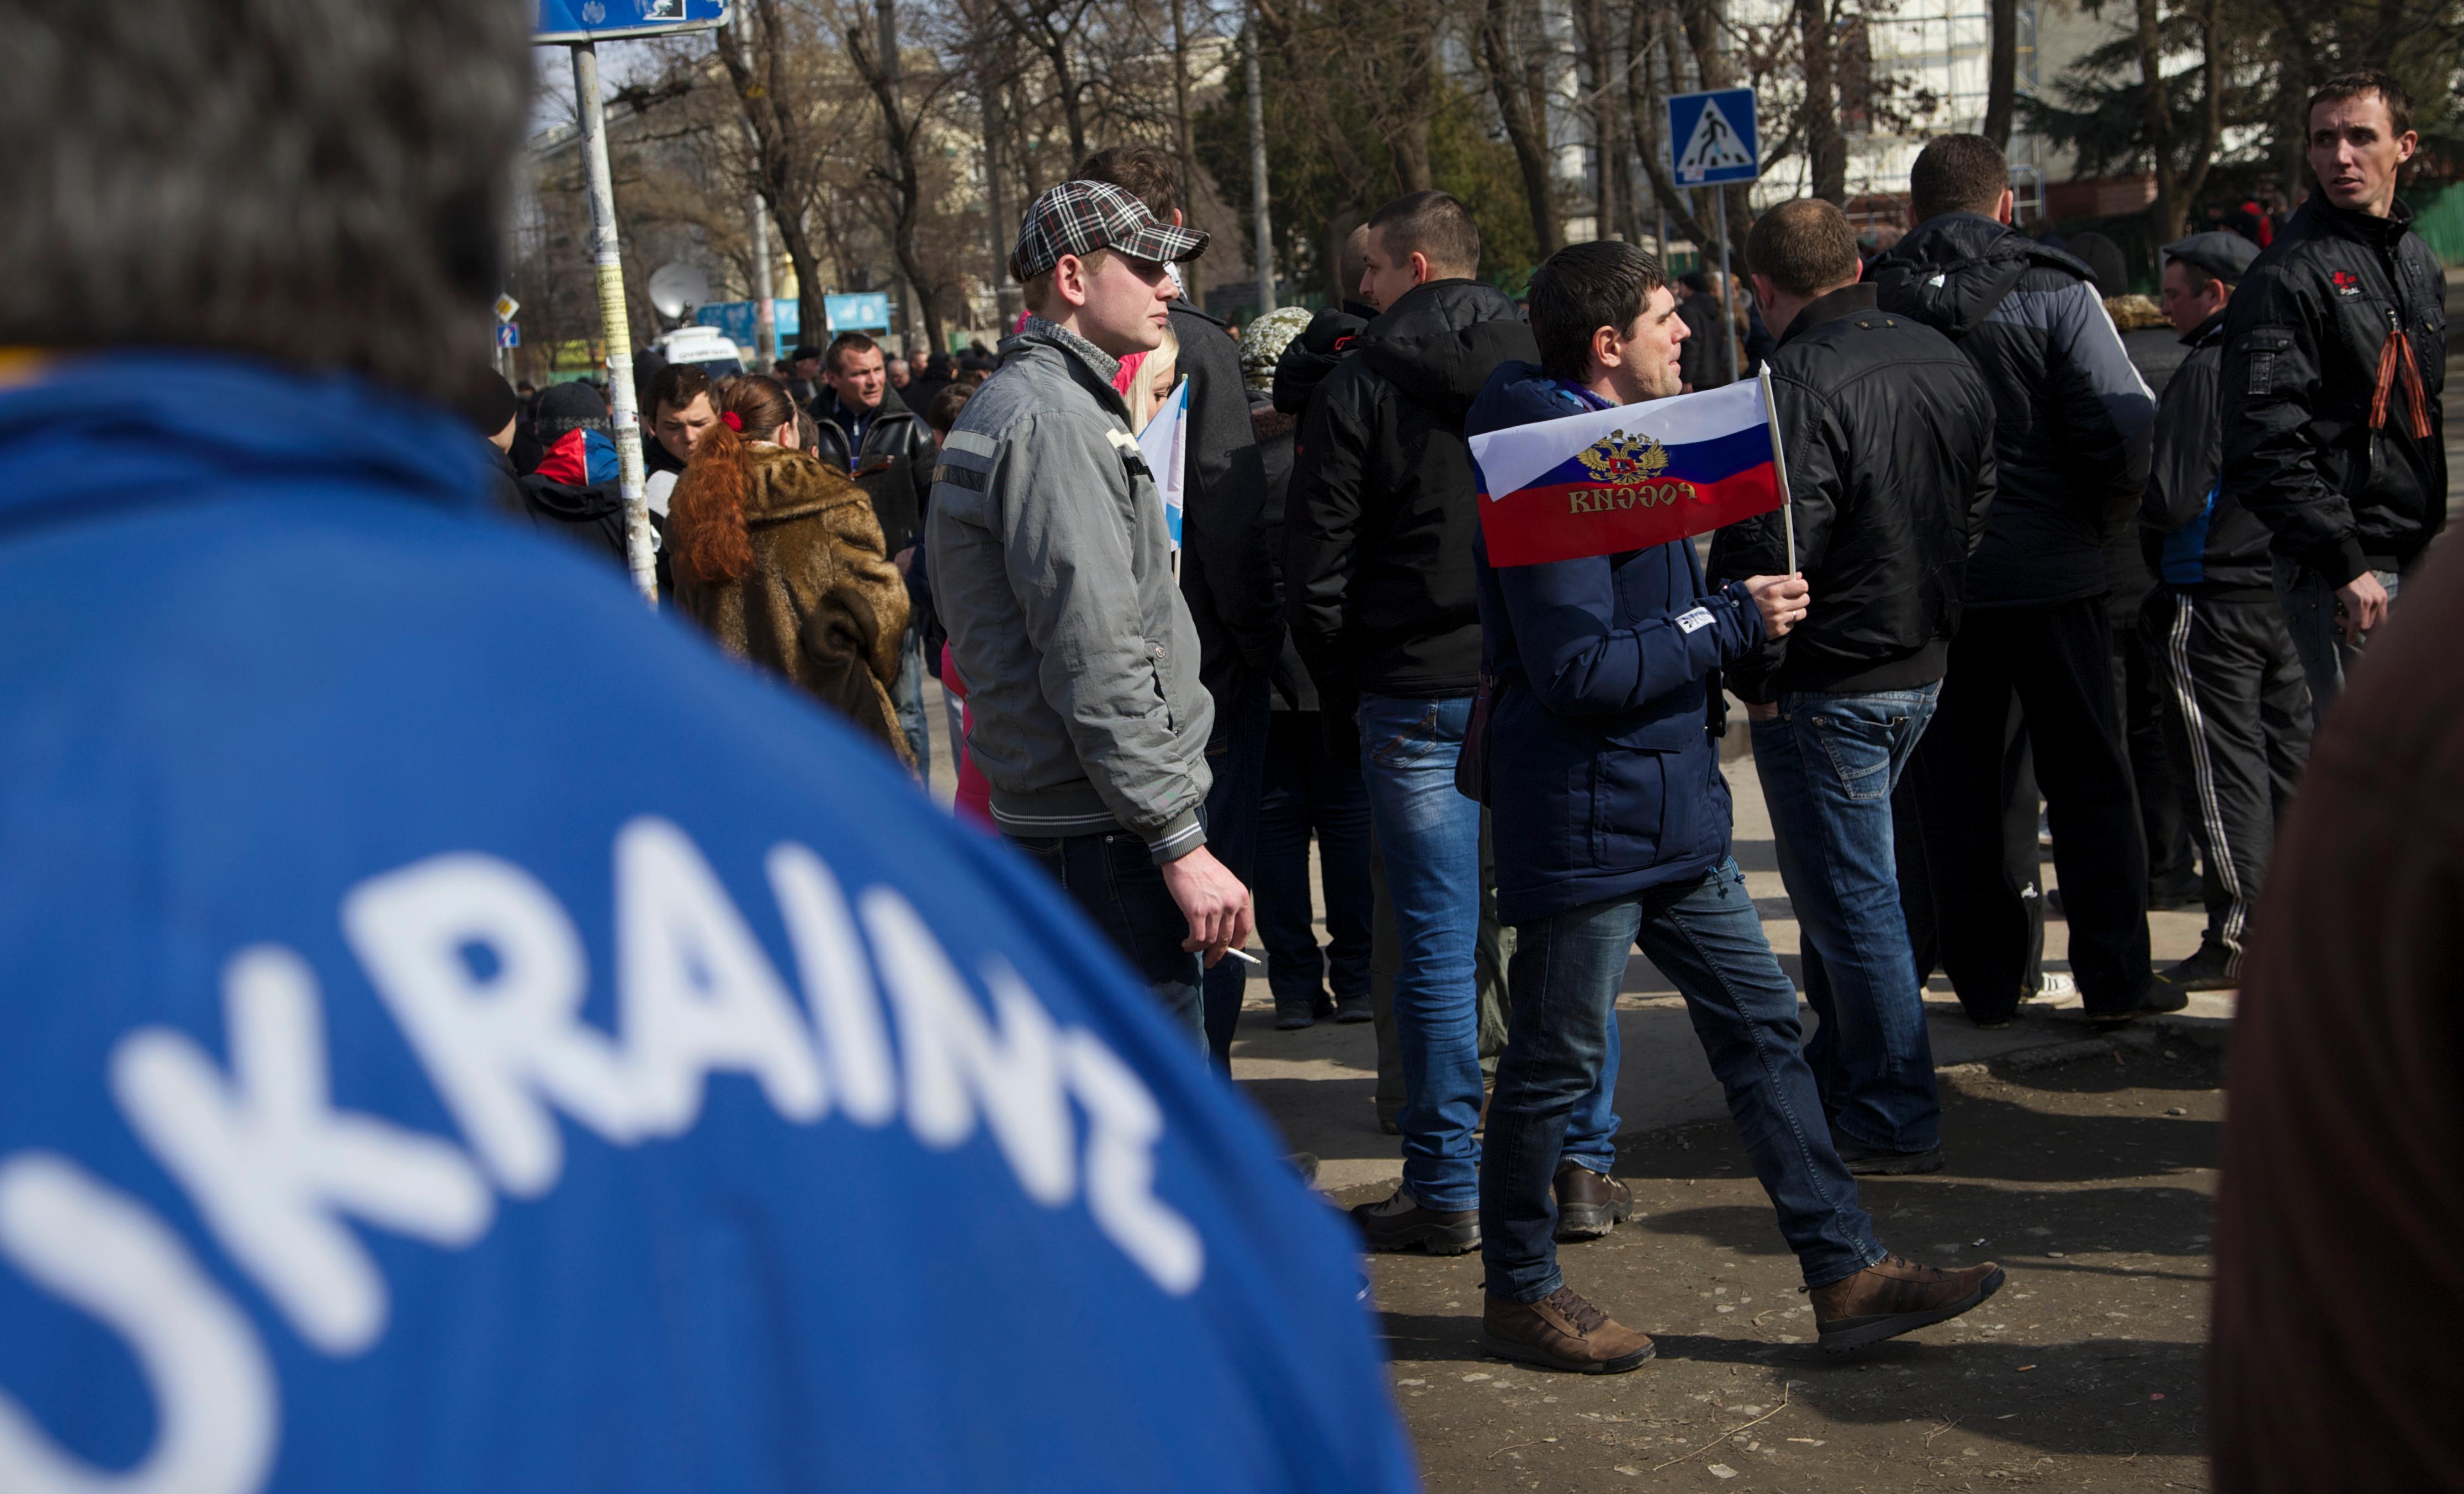 Ucraina uomini armati bloccano il parlamento della crimea for Parlamento rai